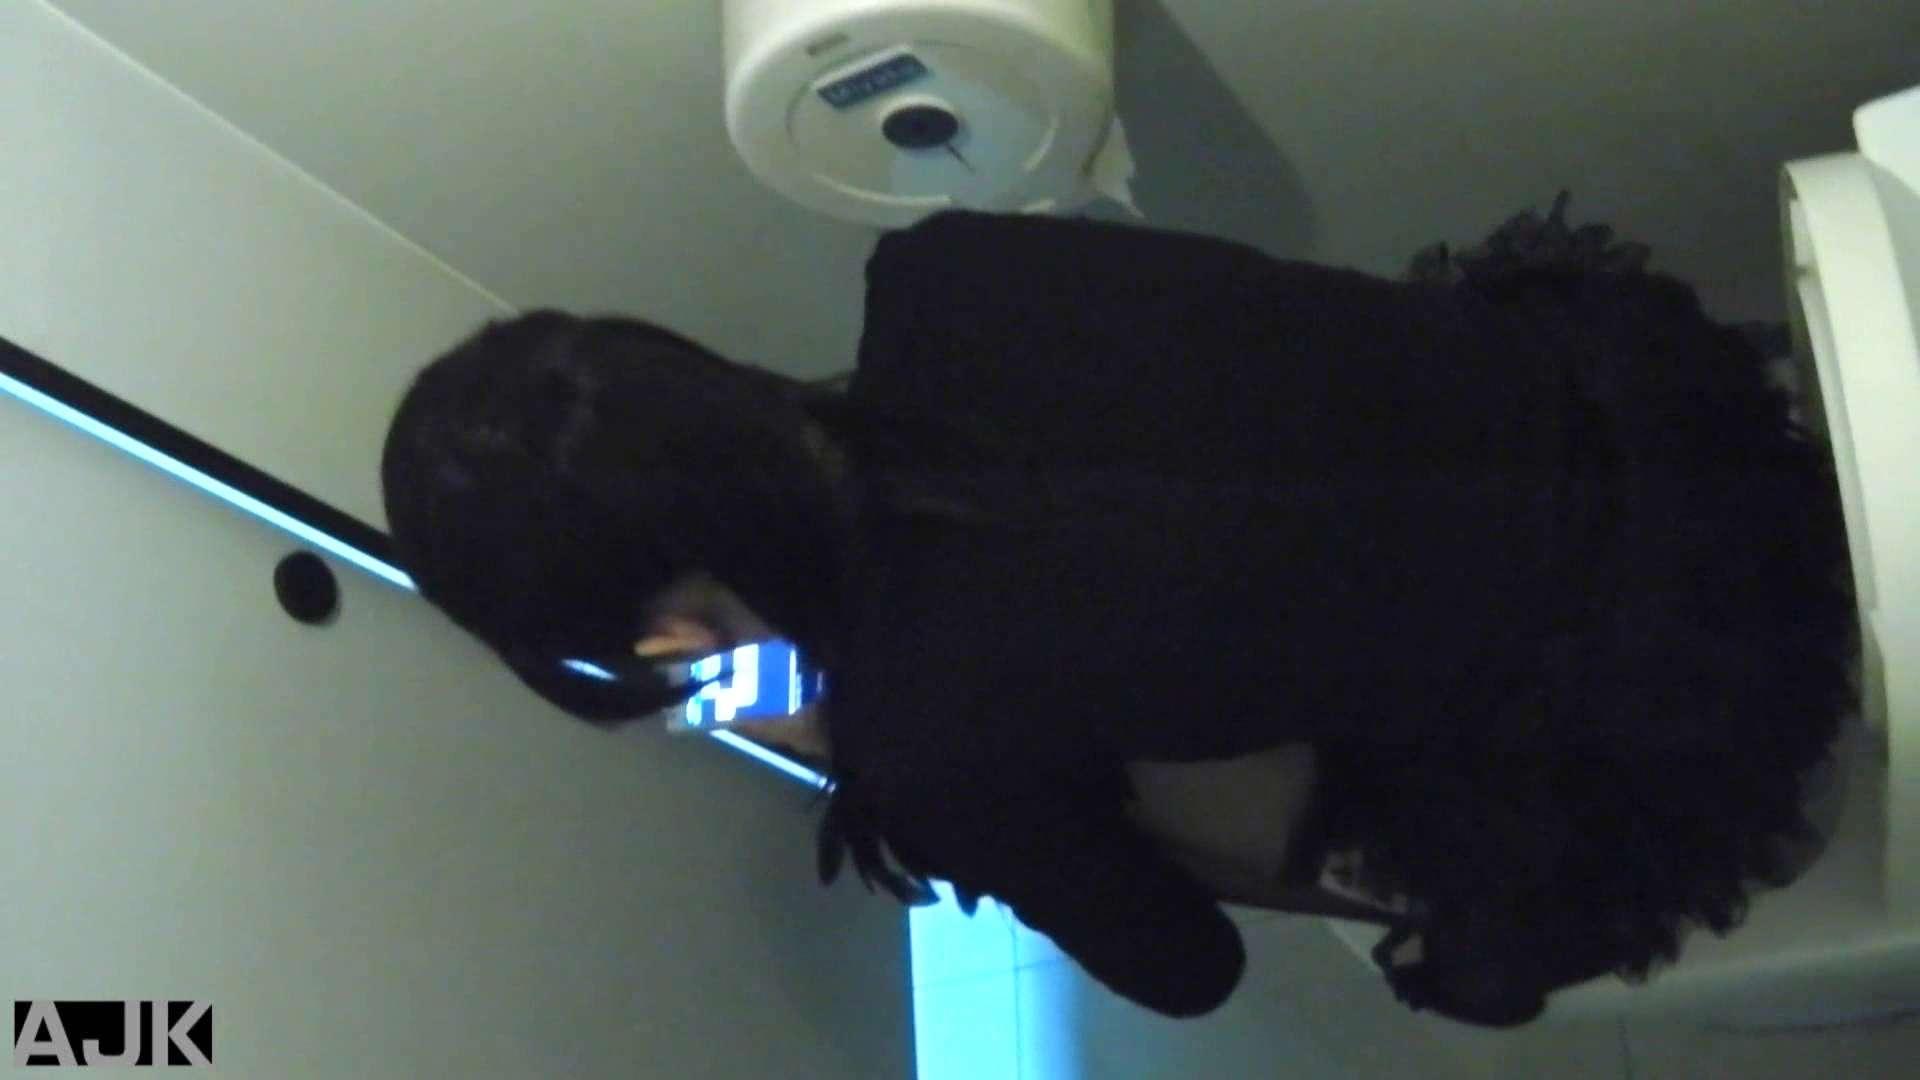 神降臨!史上最強の潜入かわや! vol.23 美しいOLの裸体 オメコ無修正動画無料 96pic 86